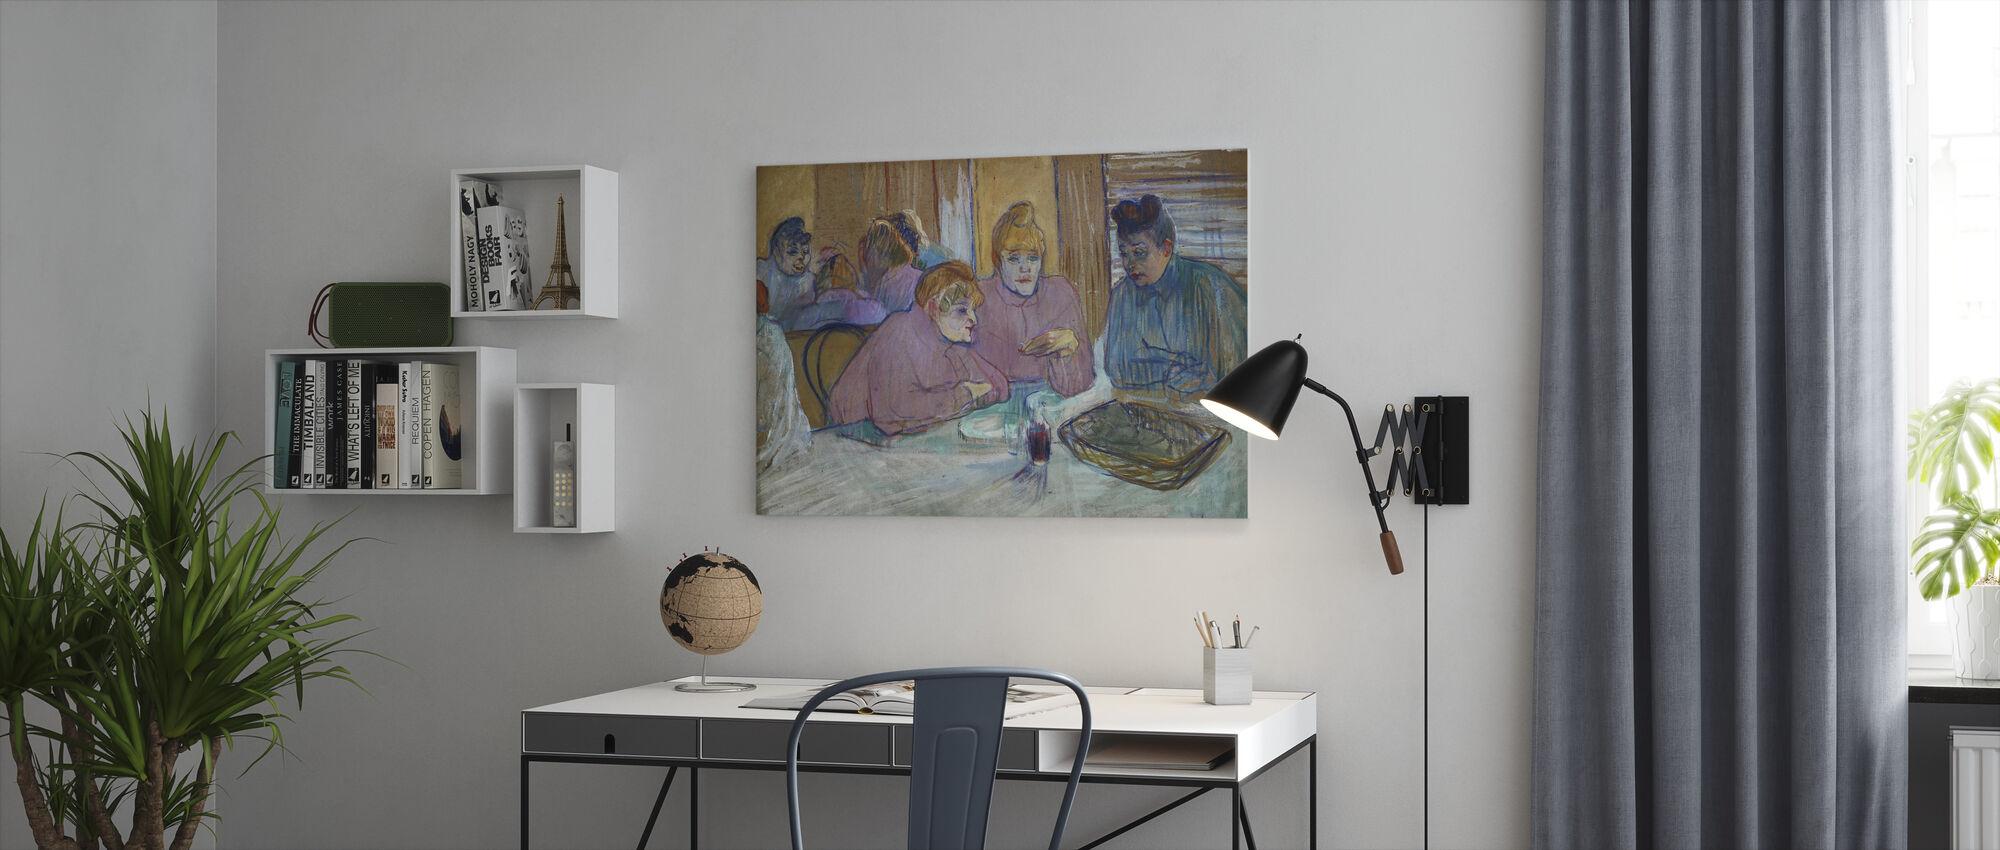 Naiset - Henri de Toulouse Lautrec - Canvastaulu - Toimisto